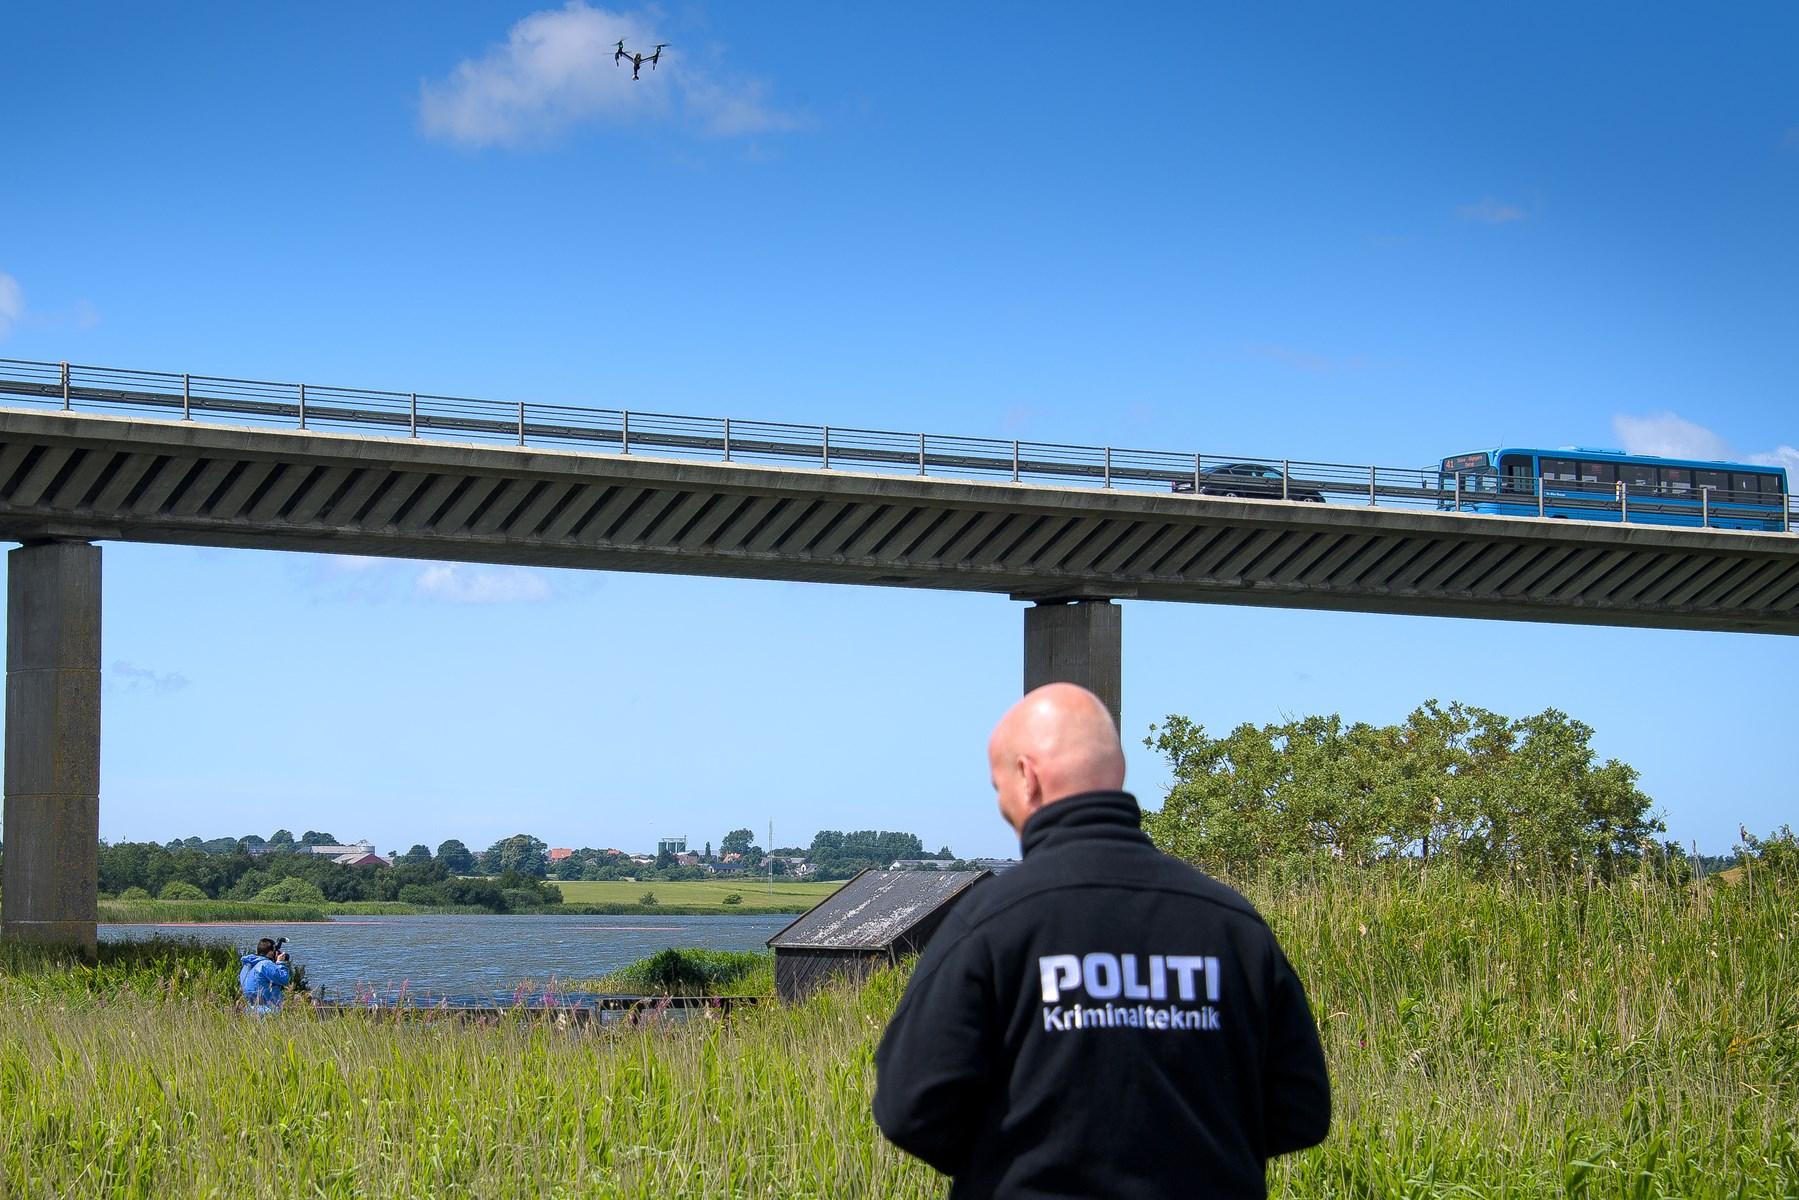 Kriminalteknikere på jagt: Politiet leder med droner over Legind Sø